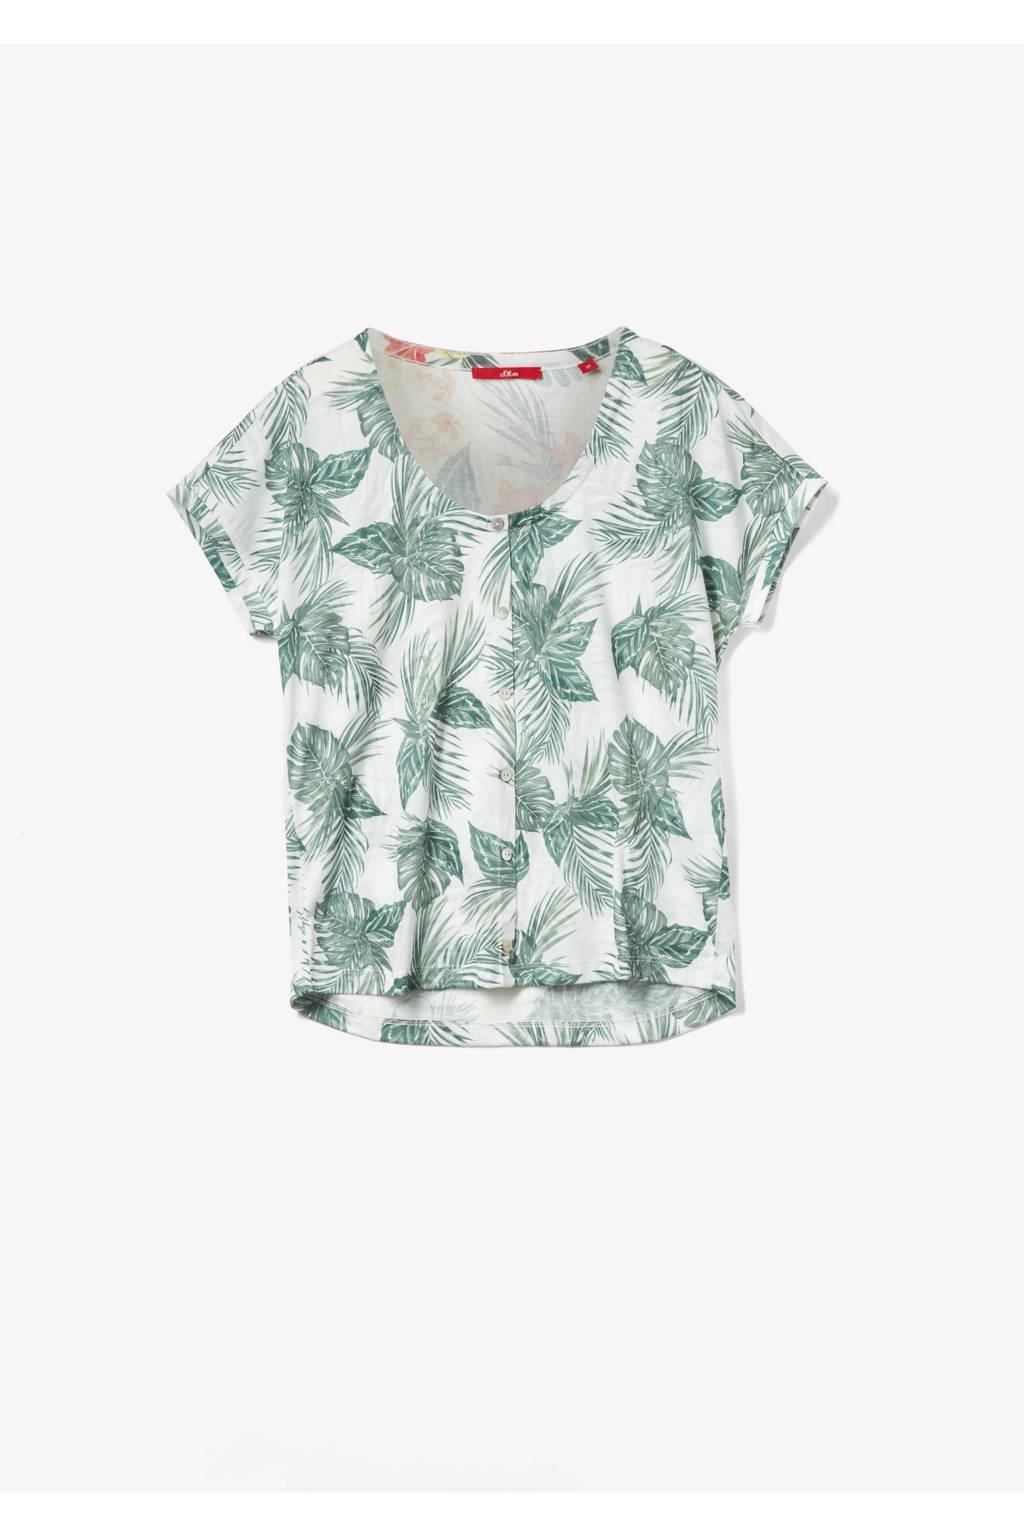 s.Oliver T-shirt met all over print beige/groen, Beige/groen